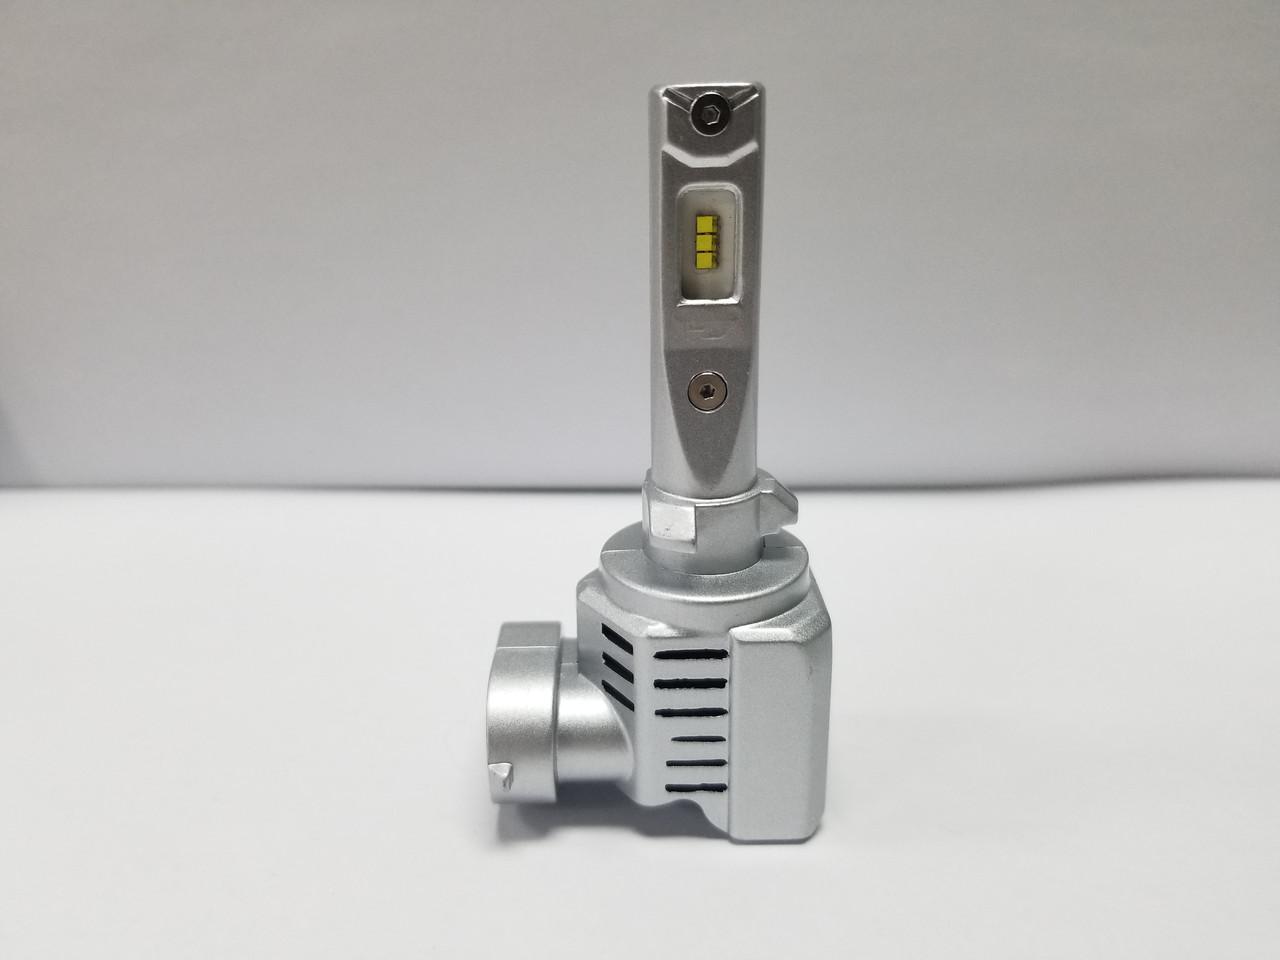 Светодиодные авто лампы LED головного света нового поколения Н27 880/881 Philips ZES  1000Lm 55Watt